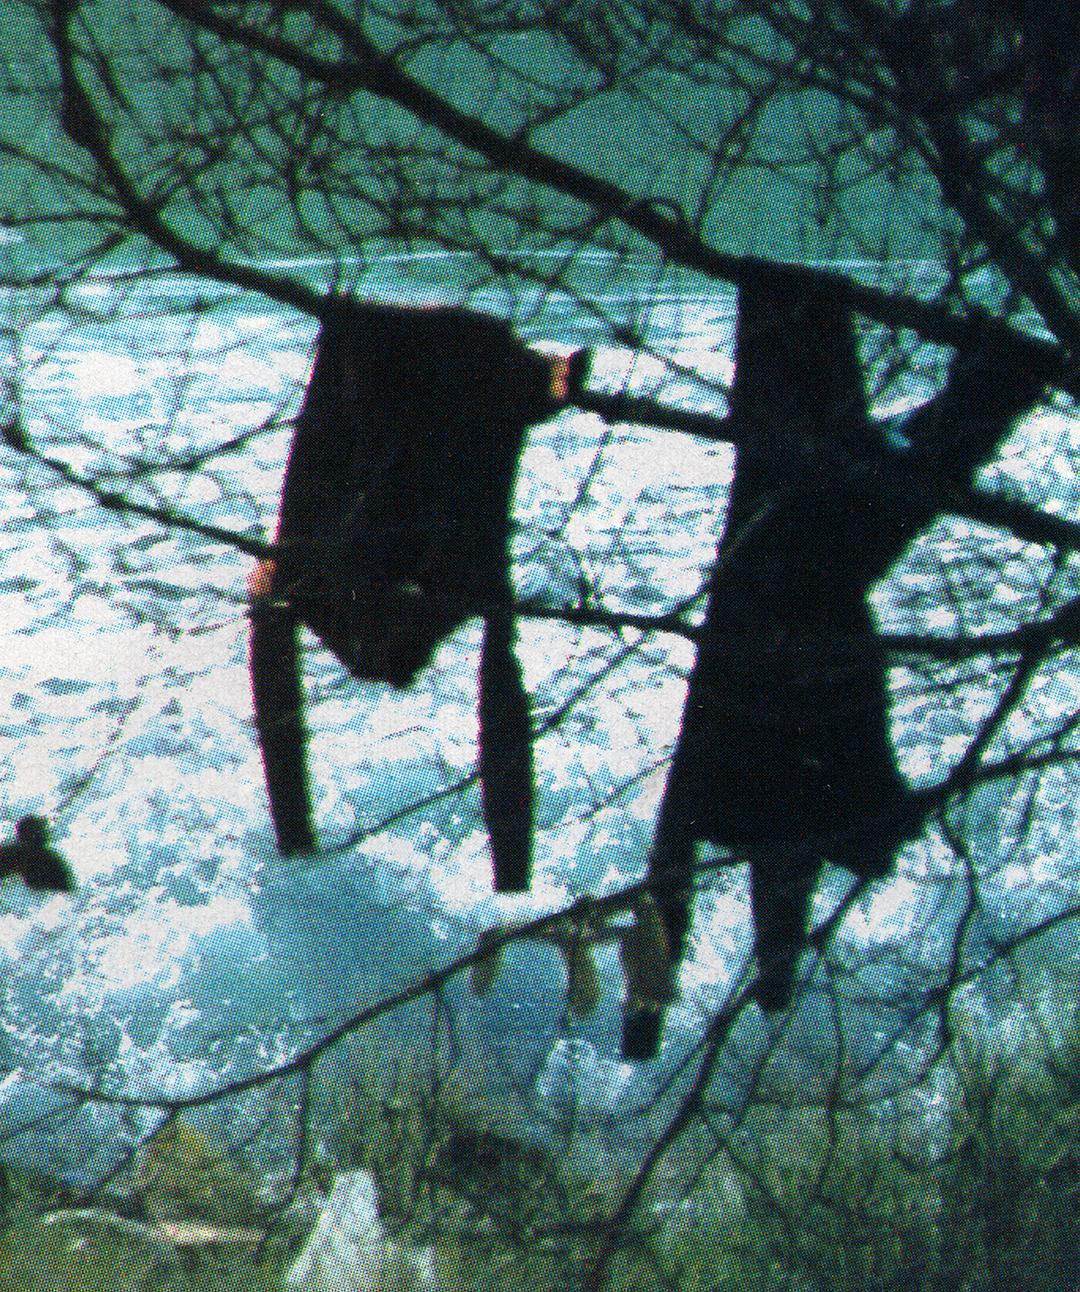 wetsuitshanging_web.jpg